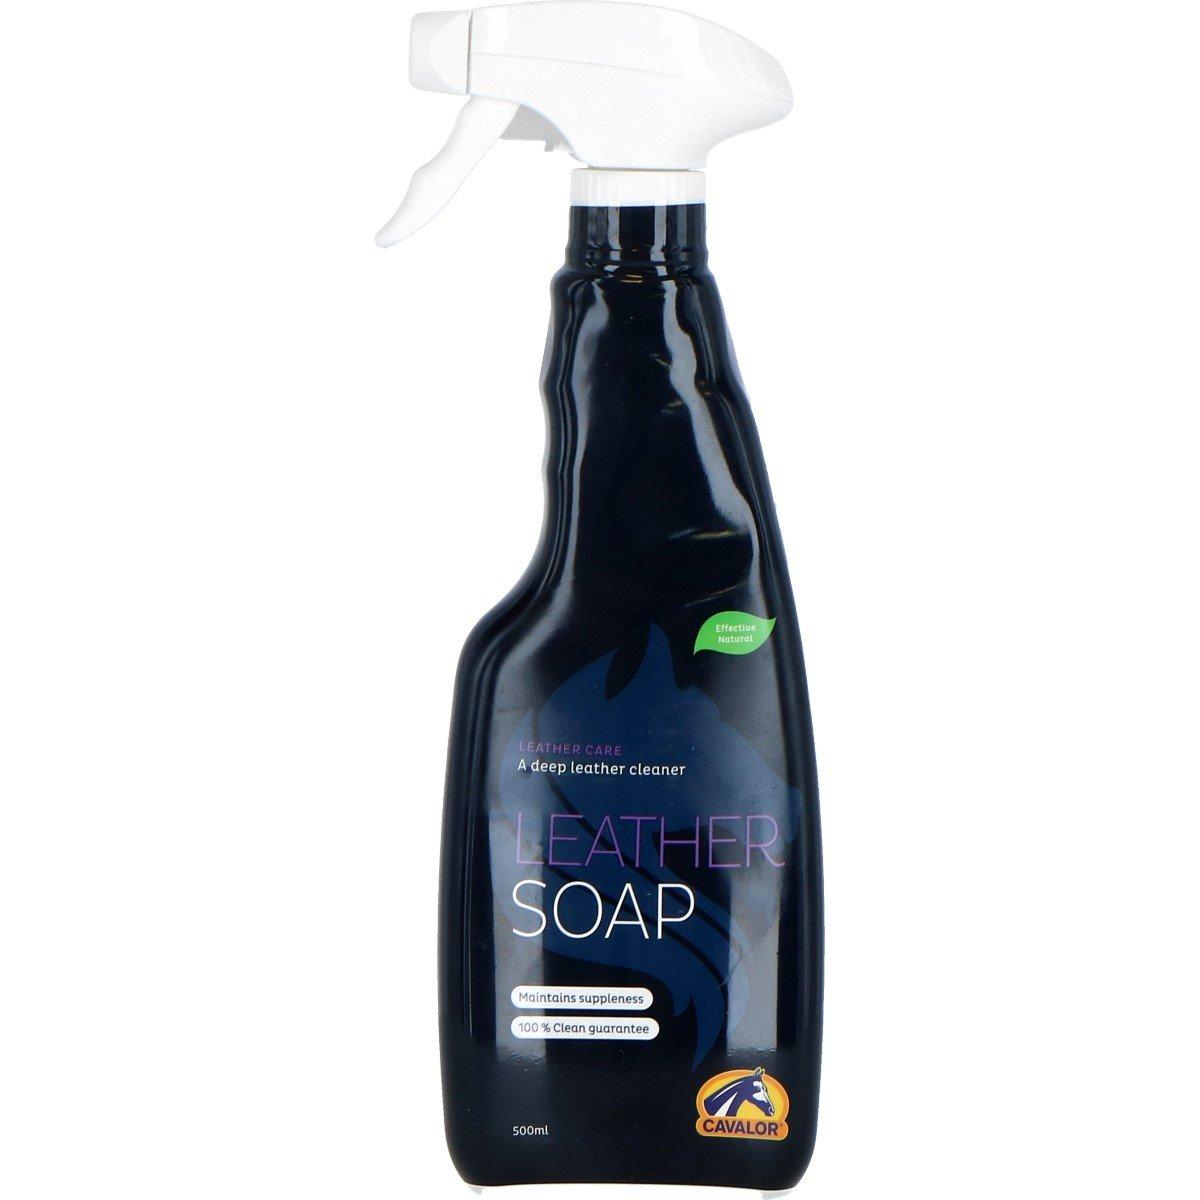 Afbeelding van Cavalor Leather Soap 500 ml